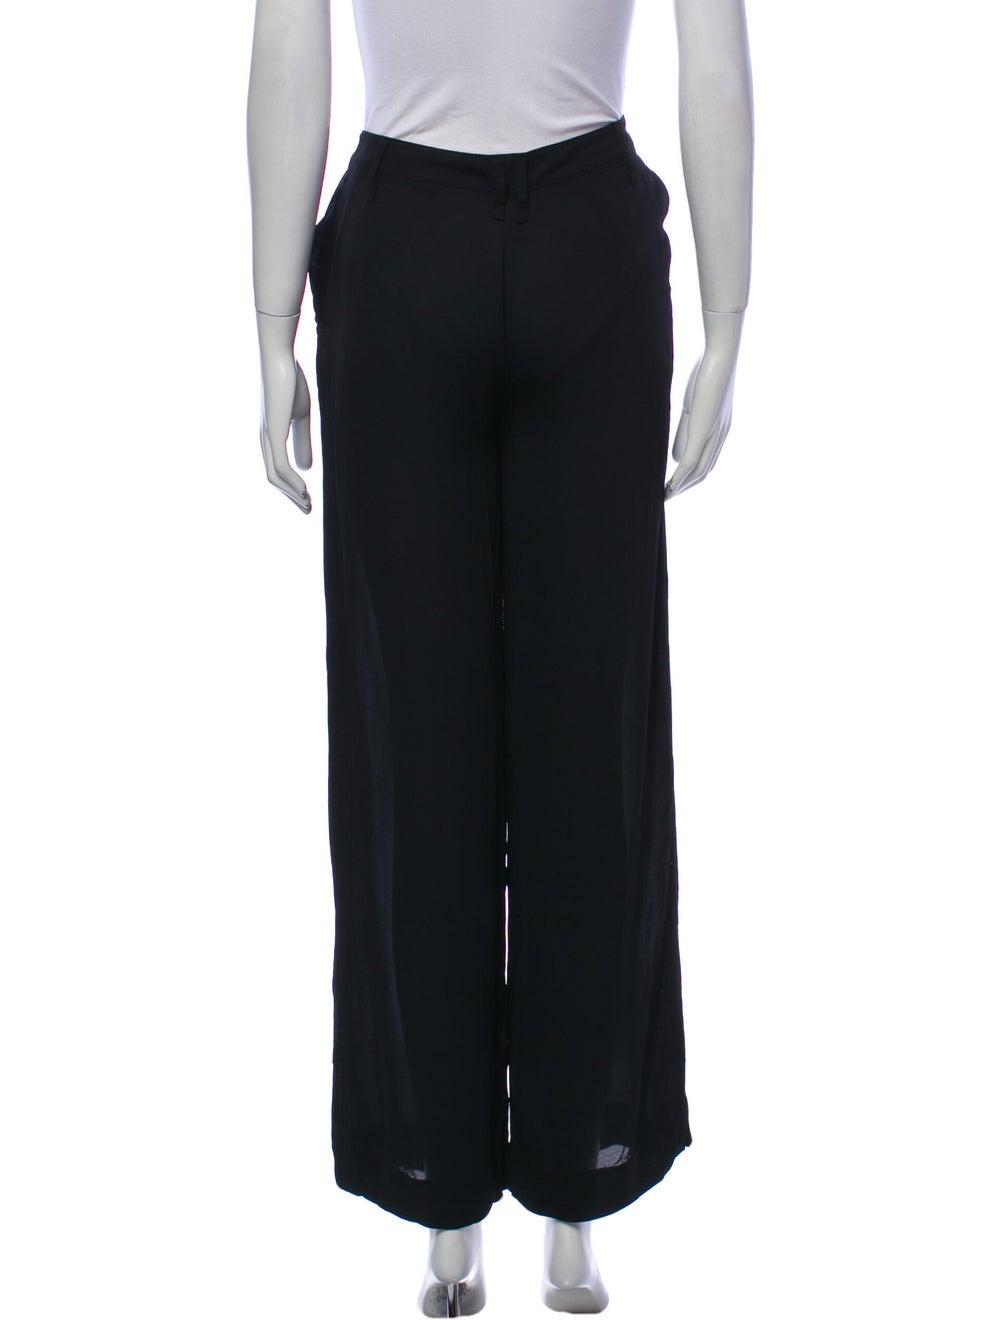 Plein Sud Wide Leg Pants Black - image 3